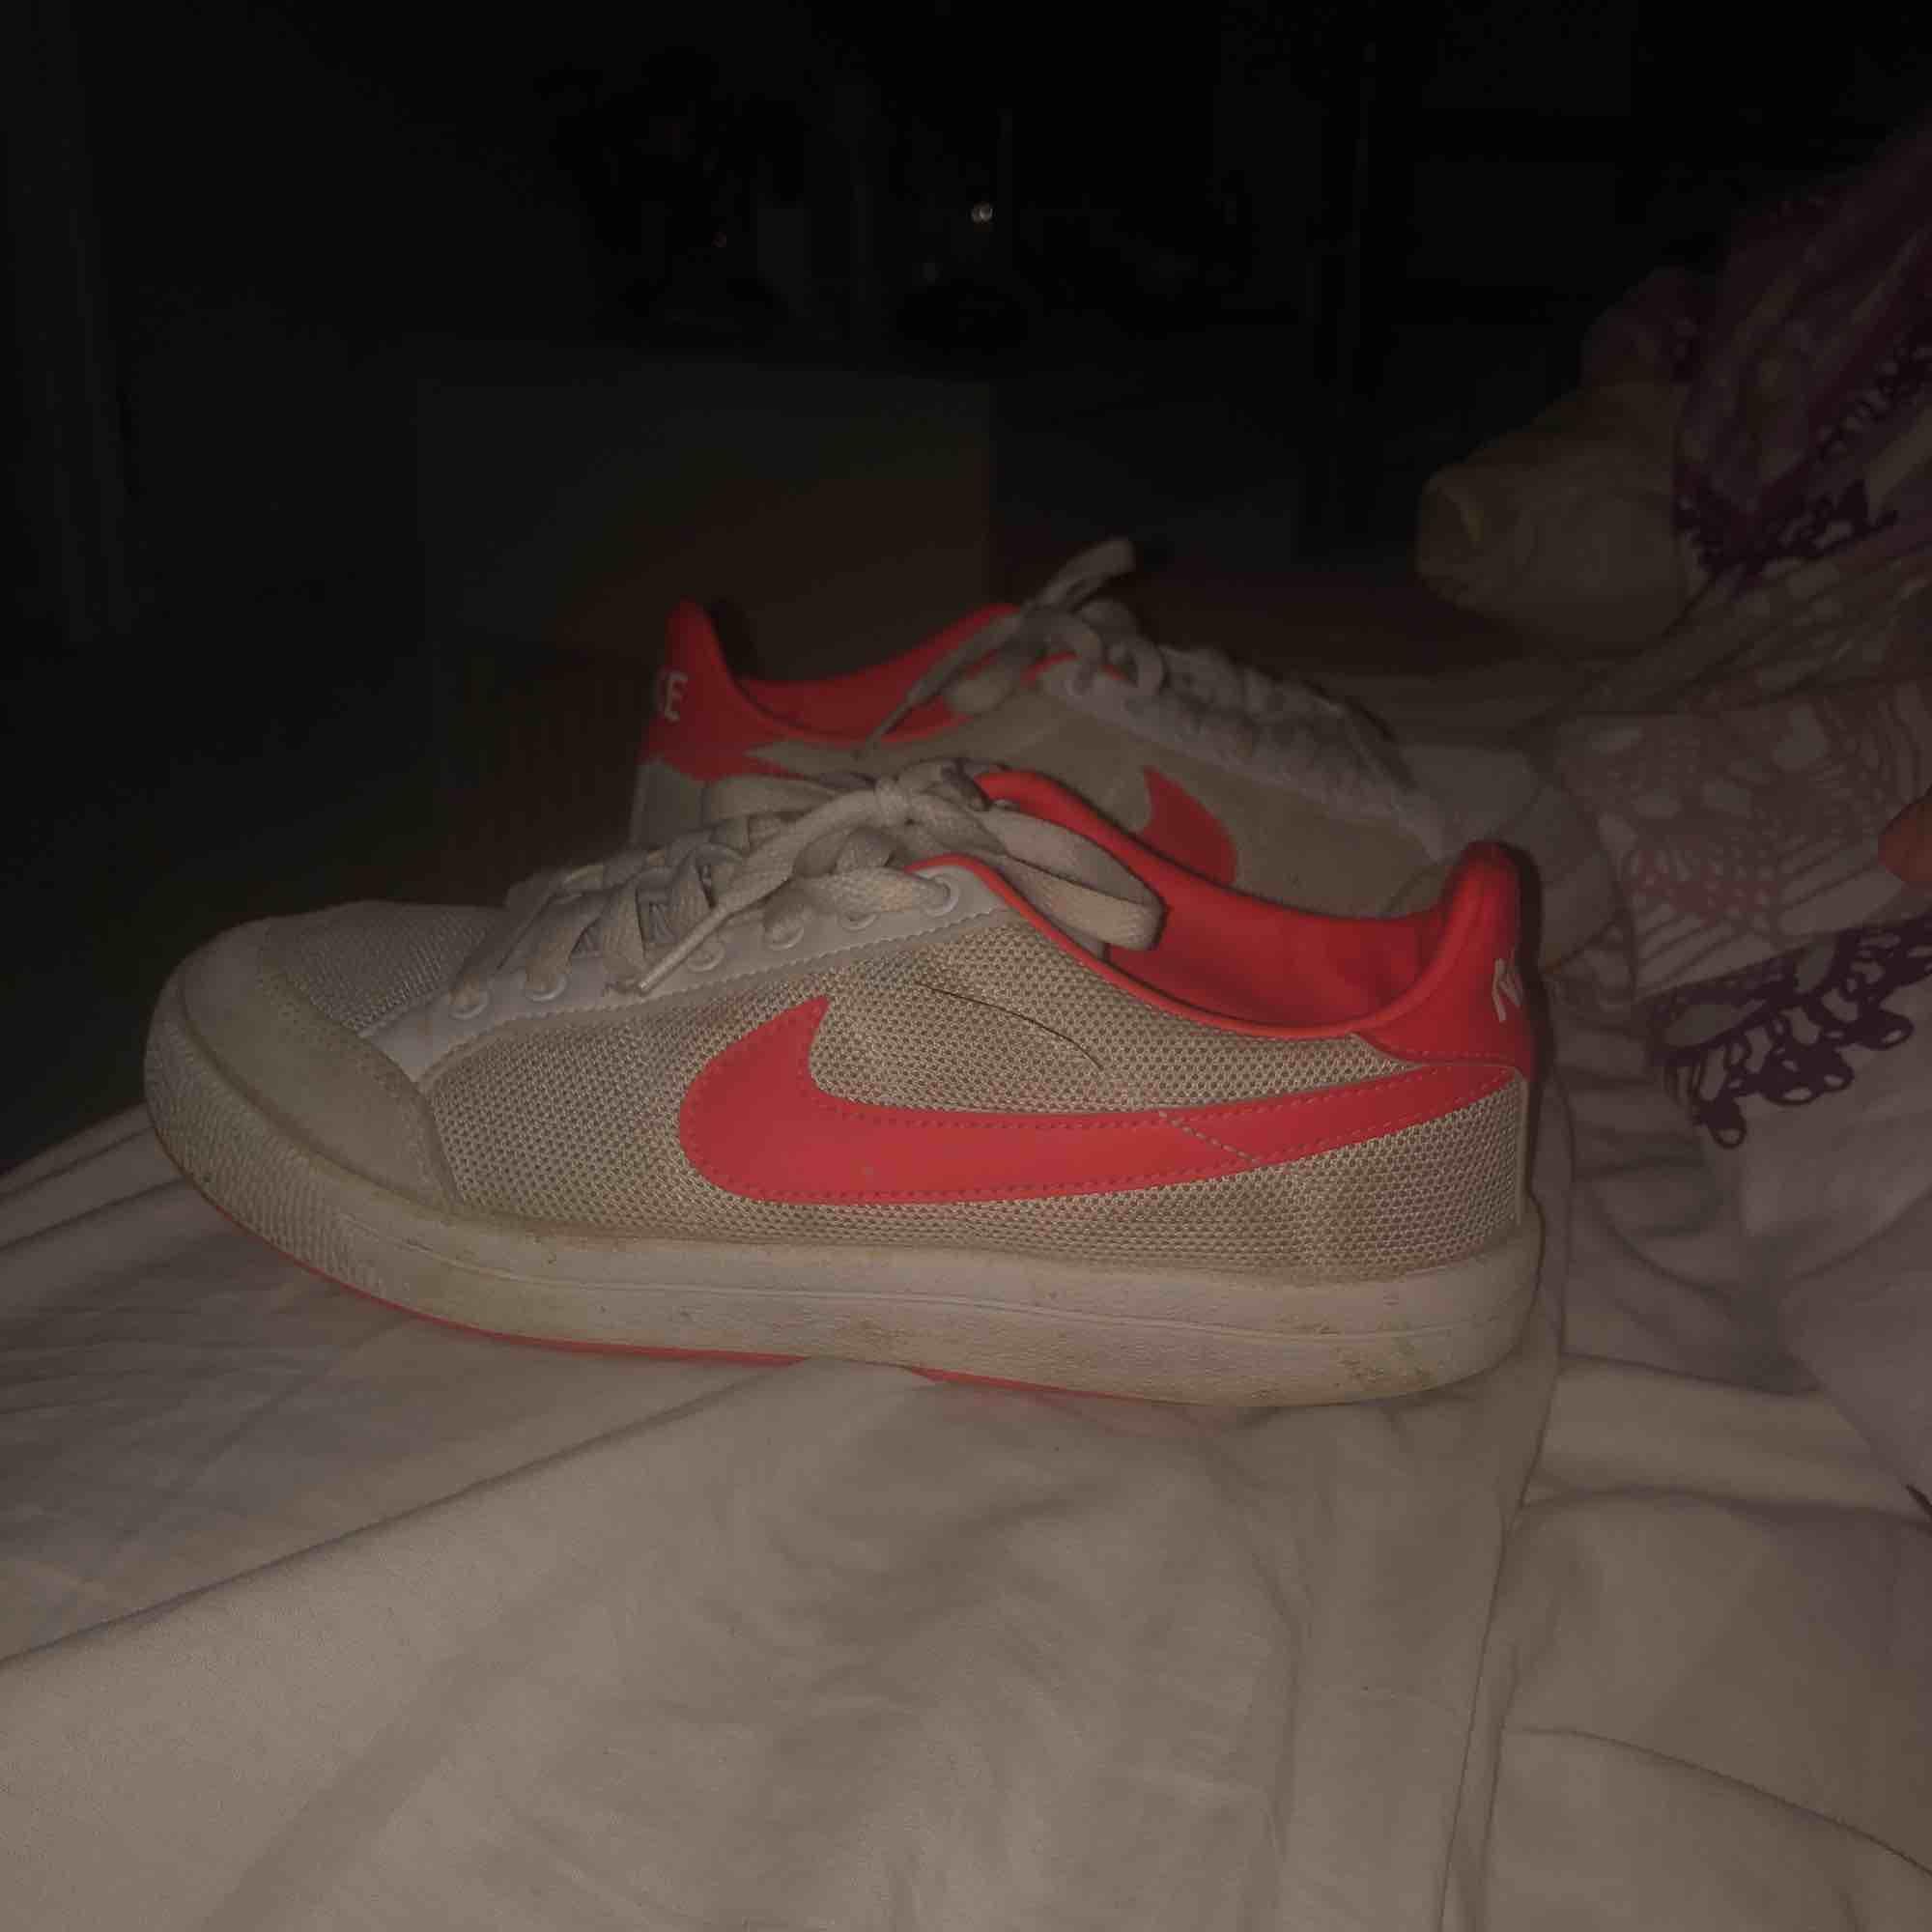 Ett par fina Nike skor i storlek 38,5 men passar folk med 39 oxå. Ganska smutsiga men de borde gå bort i tvätten, annars inga fel på dem. Kan mötas upp i Göteborg annars står köparen för frakt:). Skor.